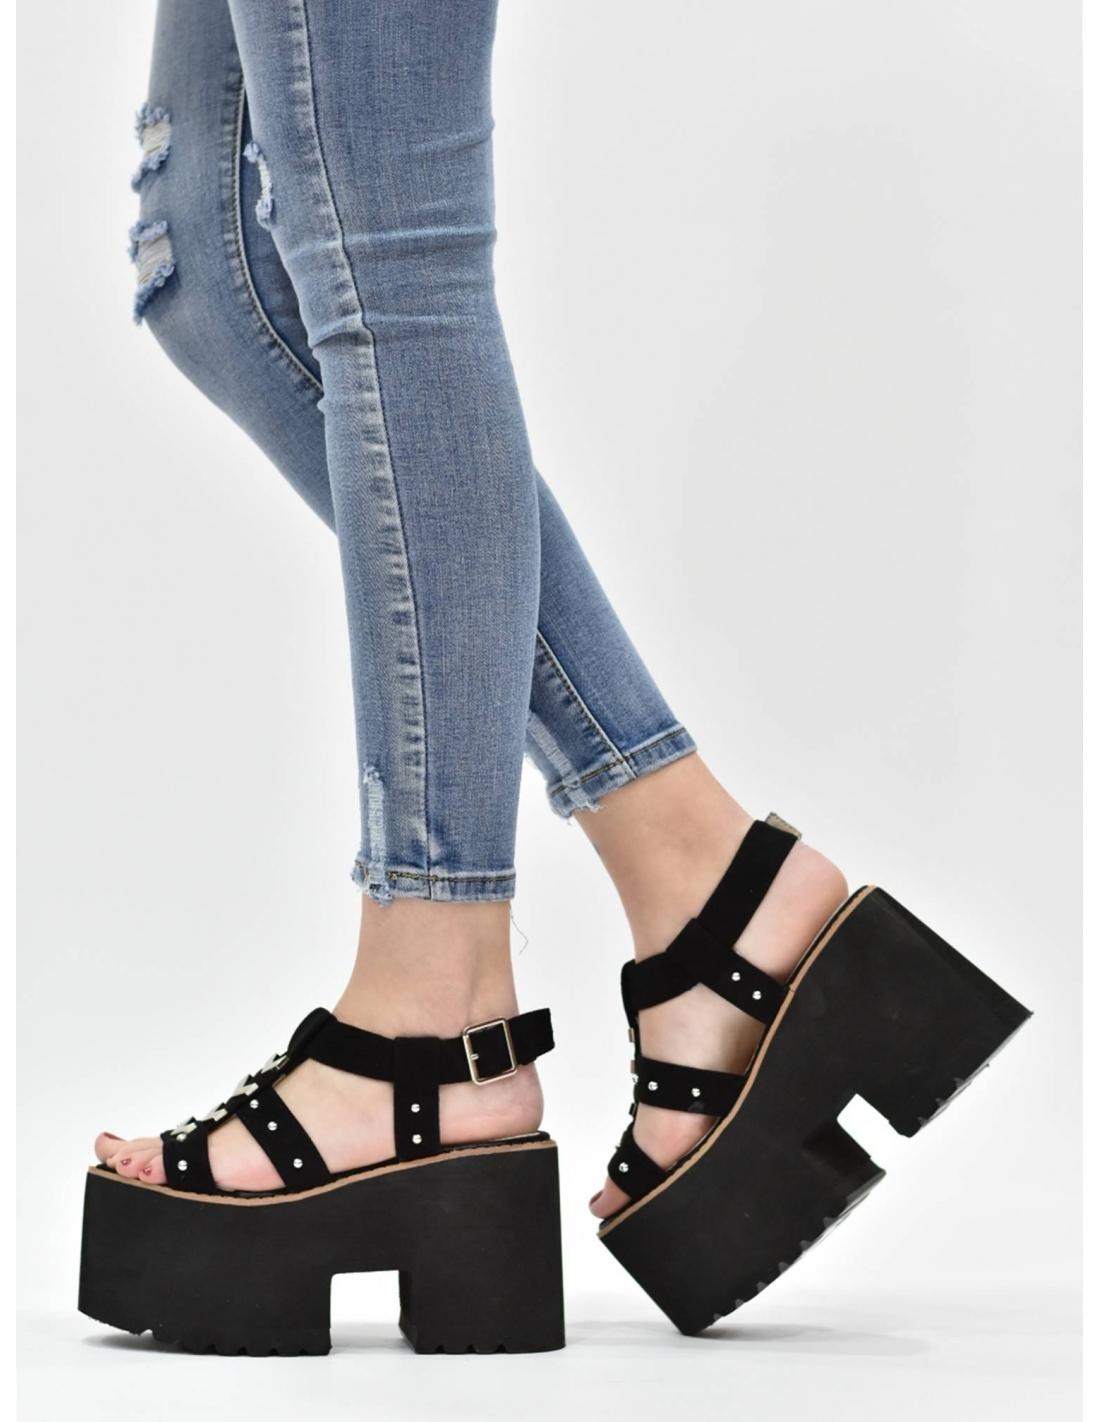 Sandalia de plataforma negra / Mole